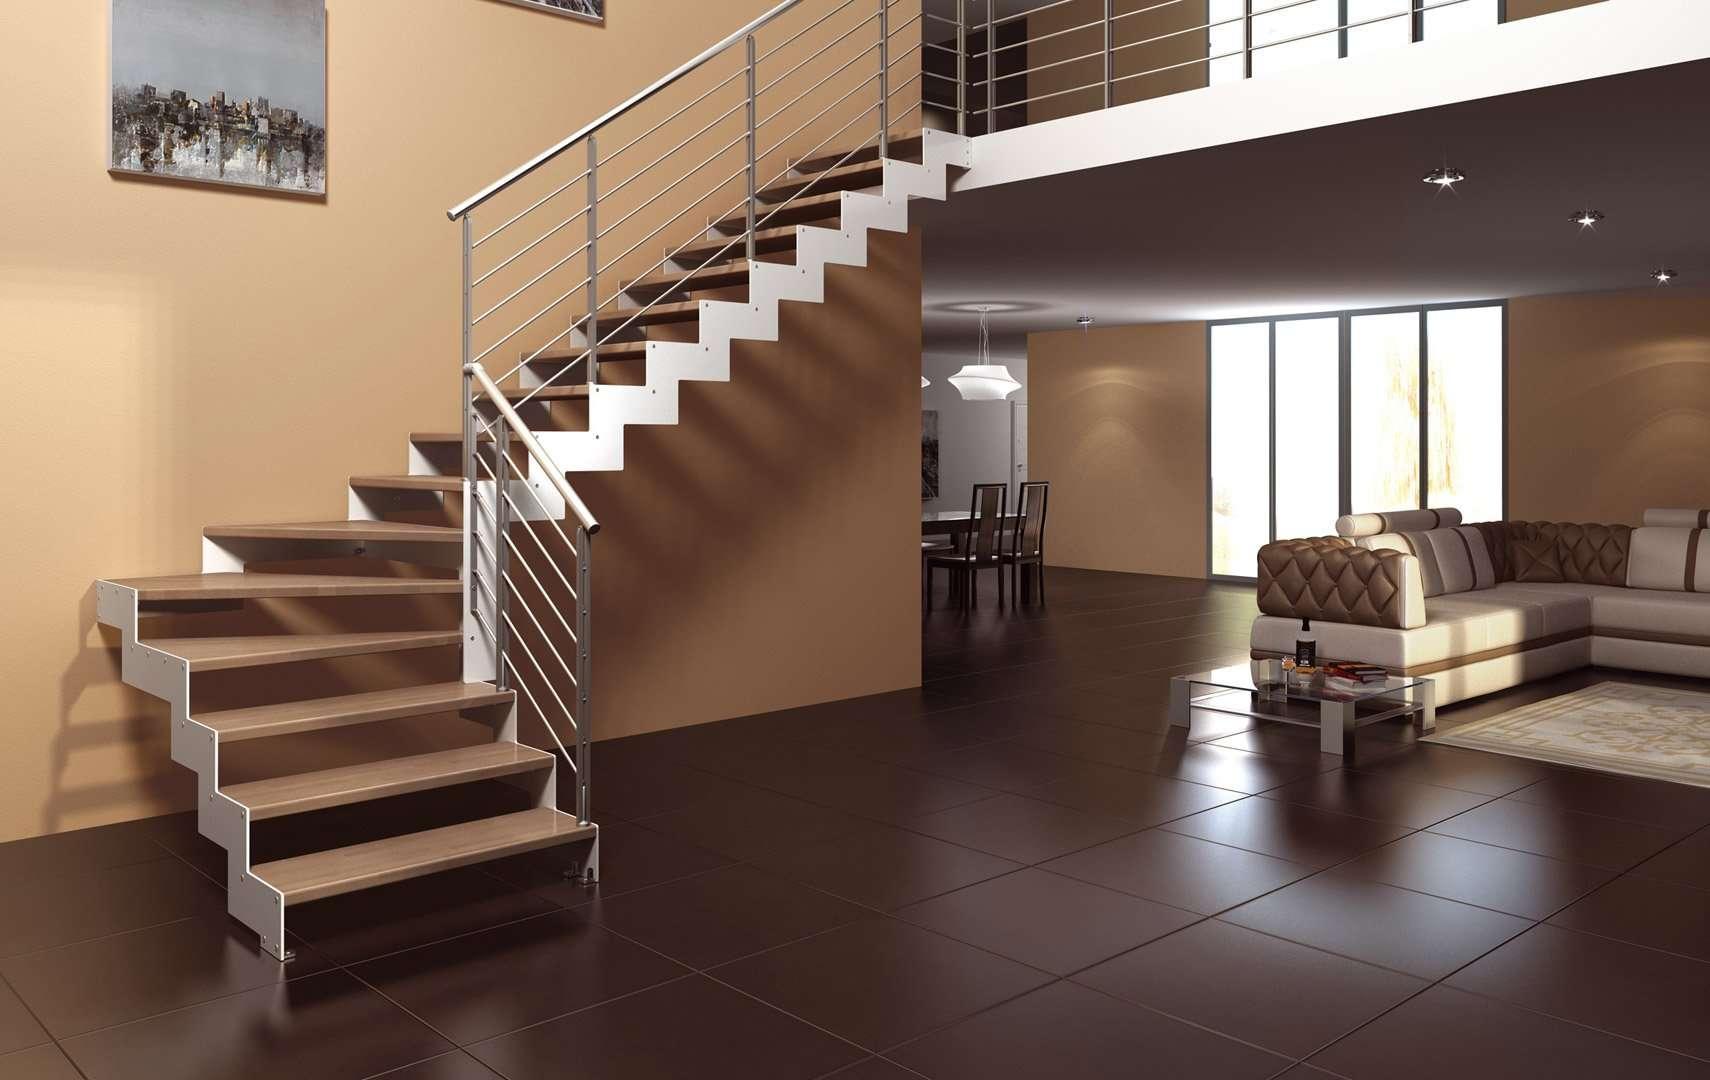 Eccezionale ᐅ Rexal | Scale interne moderne in legno: scegli i modelli più  GE51